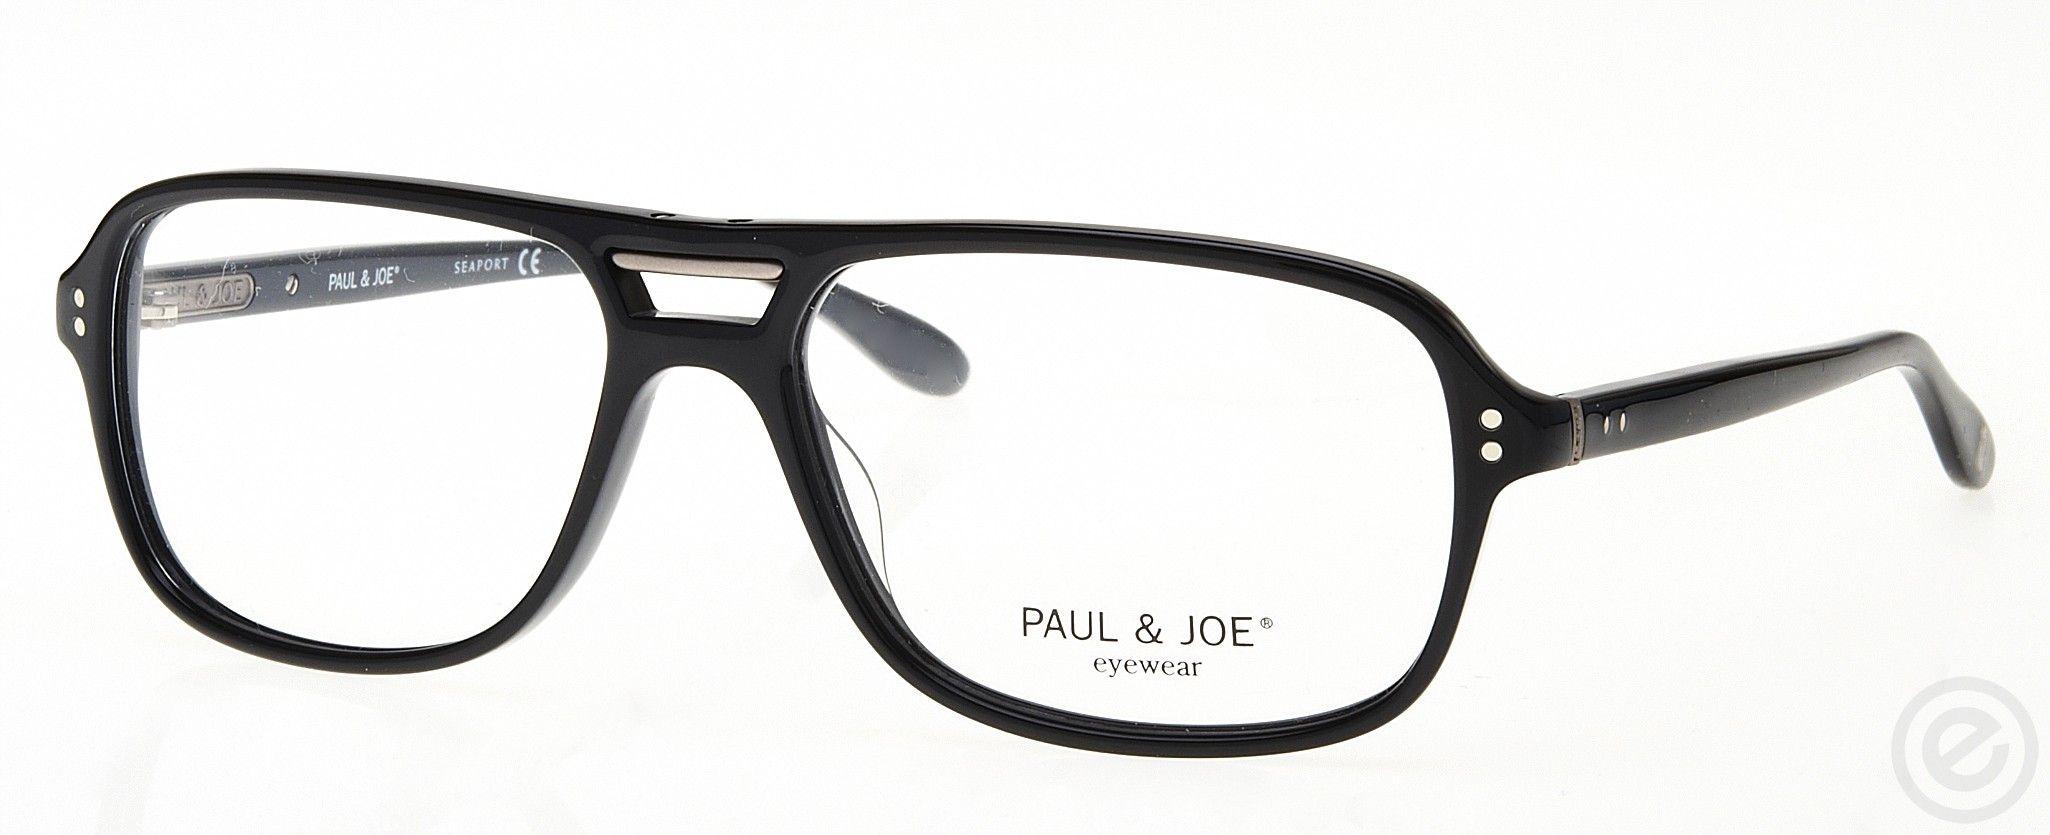 Paul   Joe Bengali 45 - Heren - Brillen   Clothes   Eyewear, Paul ... 1ee5a10e4258